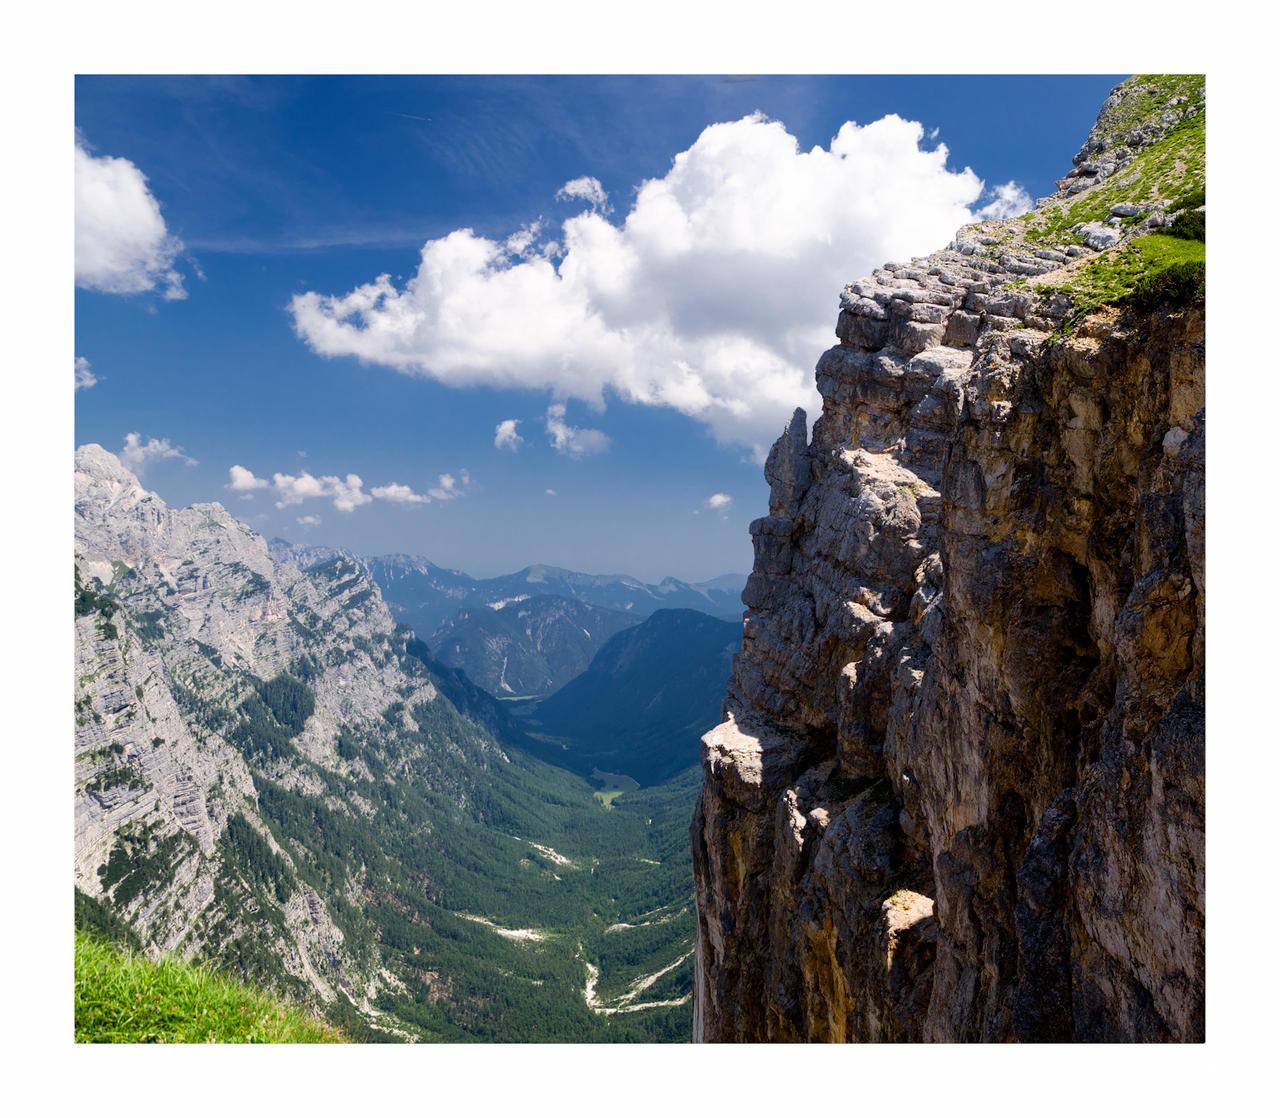 la vallee sous la falaise by rdalpes